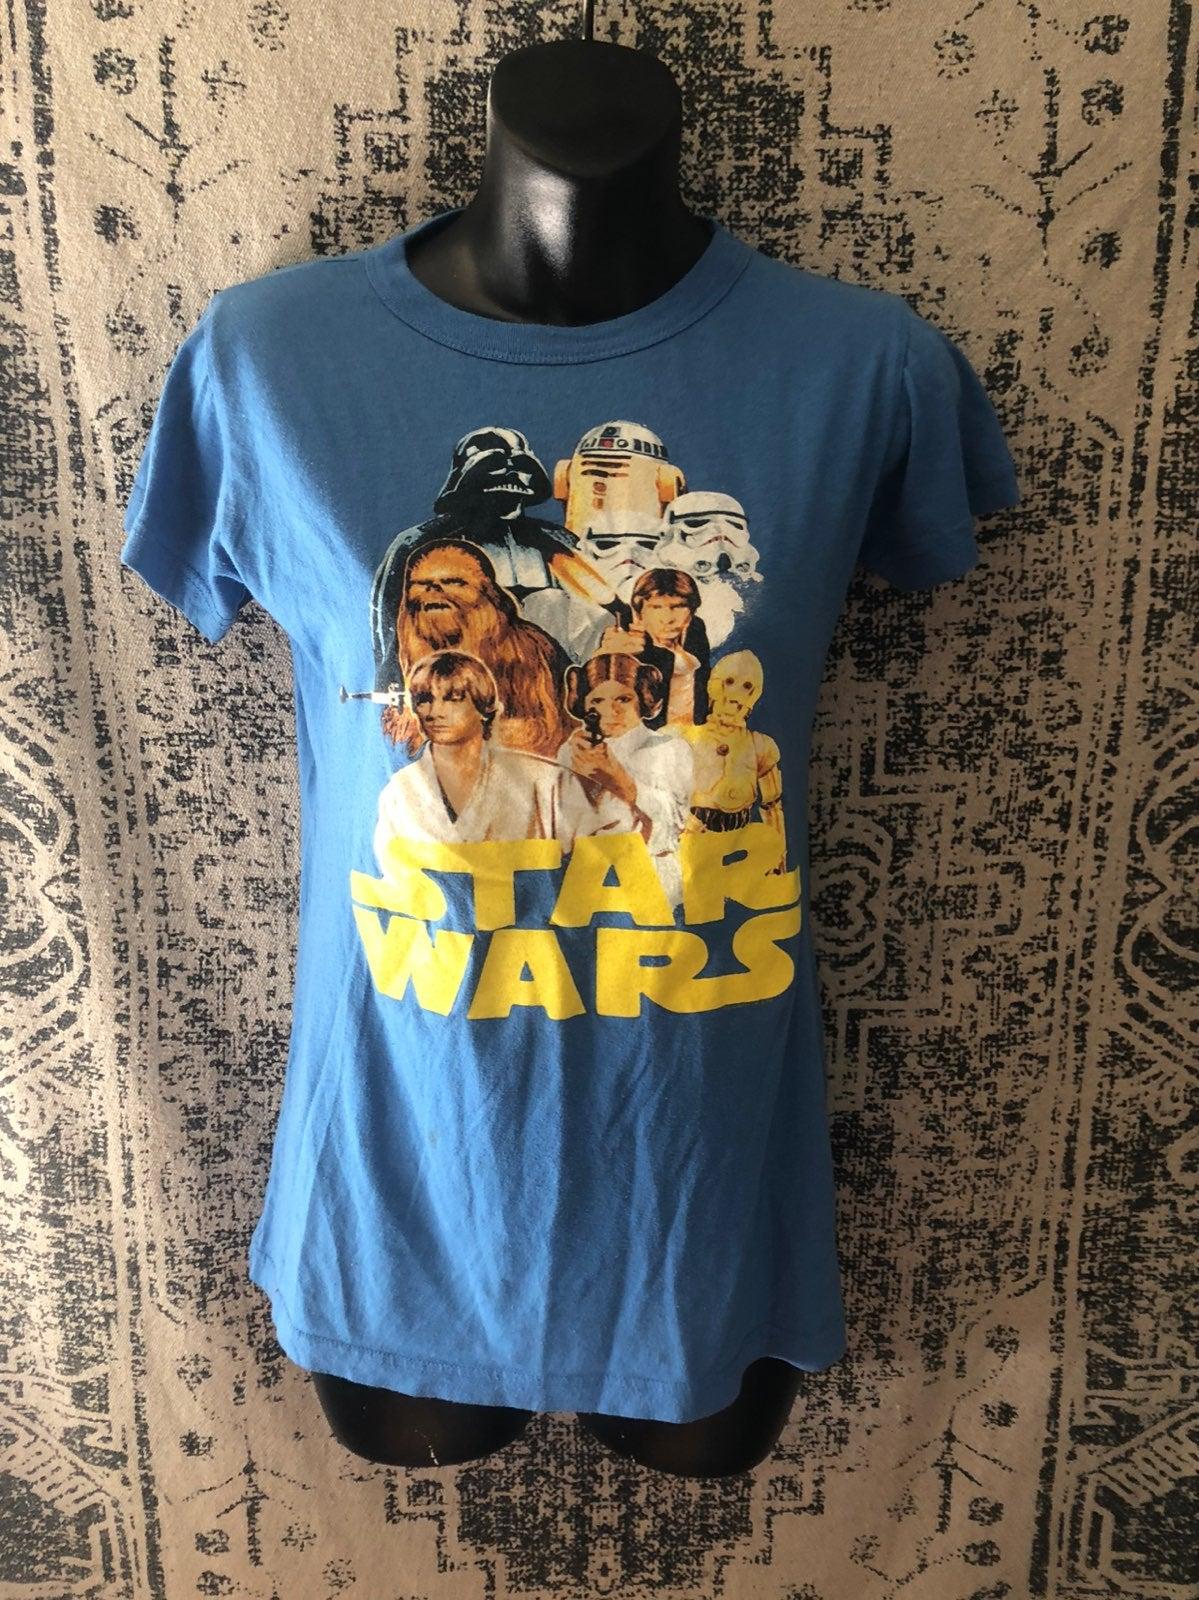 Womens Small Star Wars Tshirt